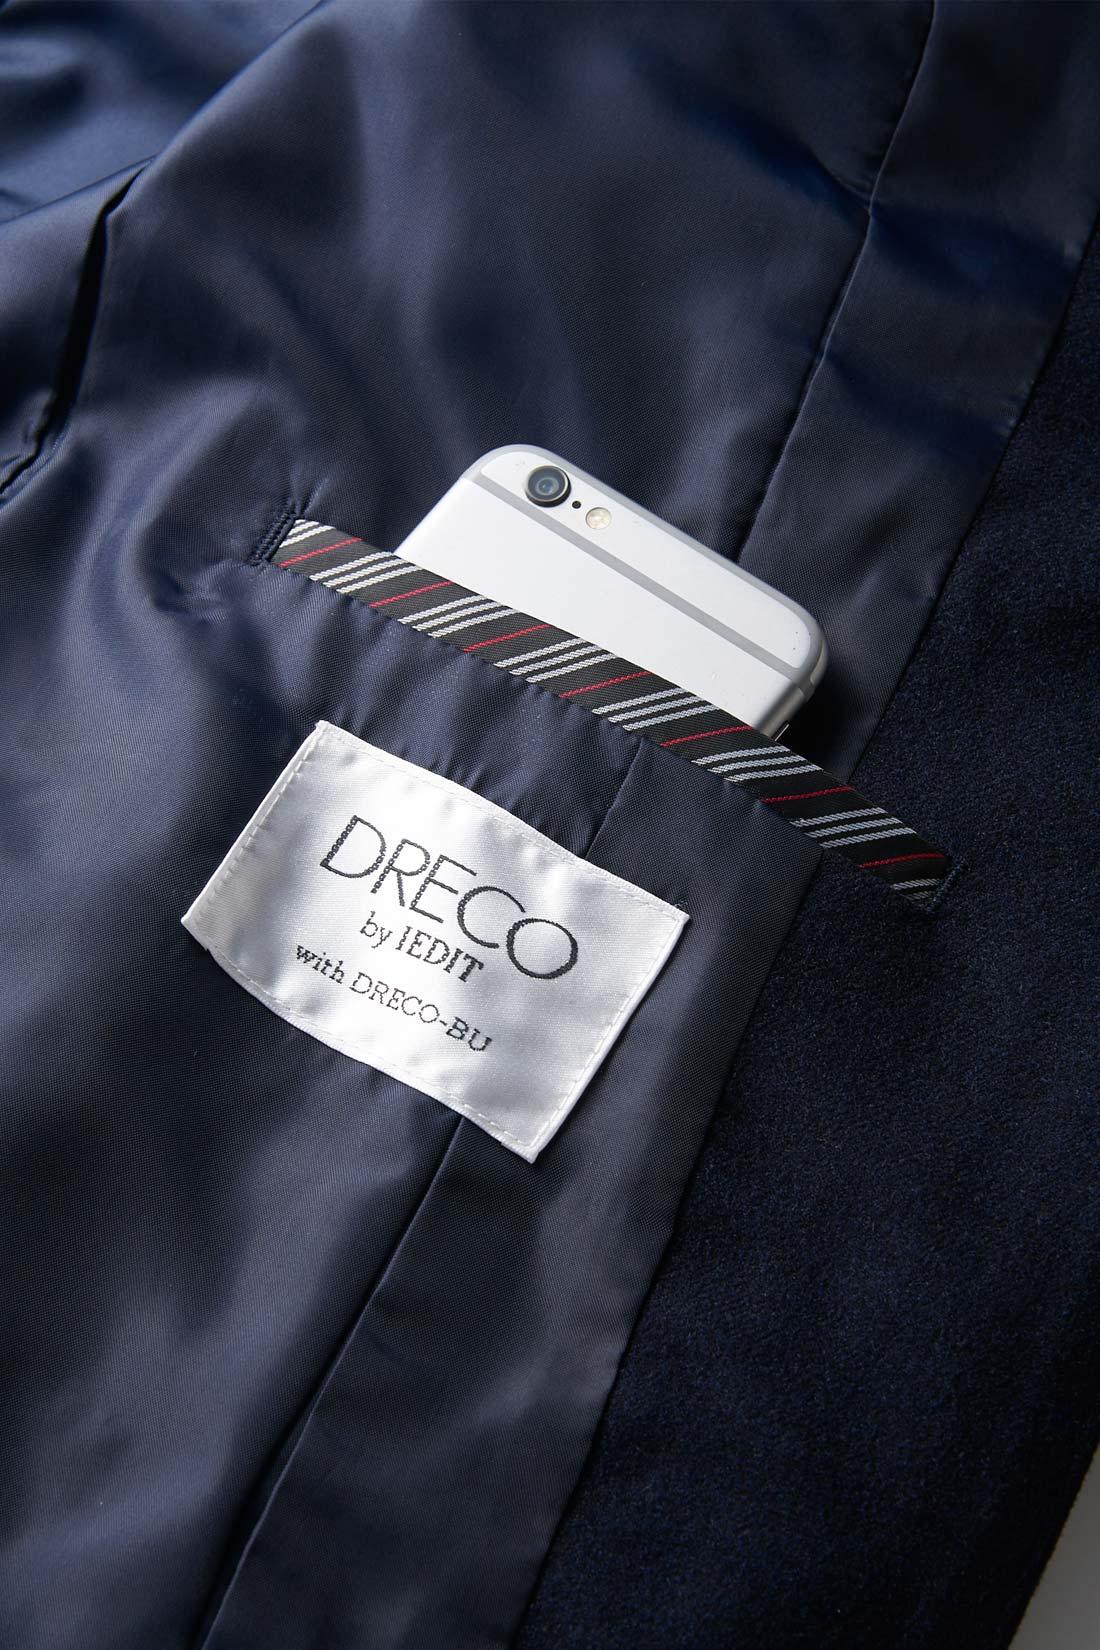 DRECOのオリジナルネームと内側のスマホポケット。ストライプの裏地がアクセントに。